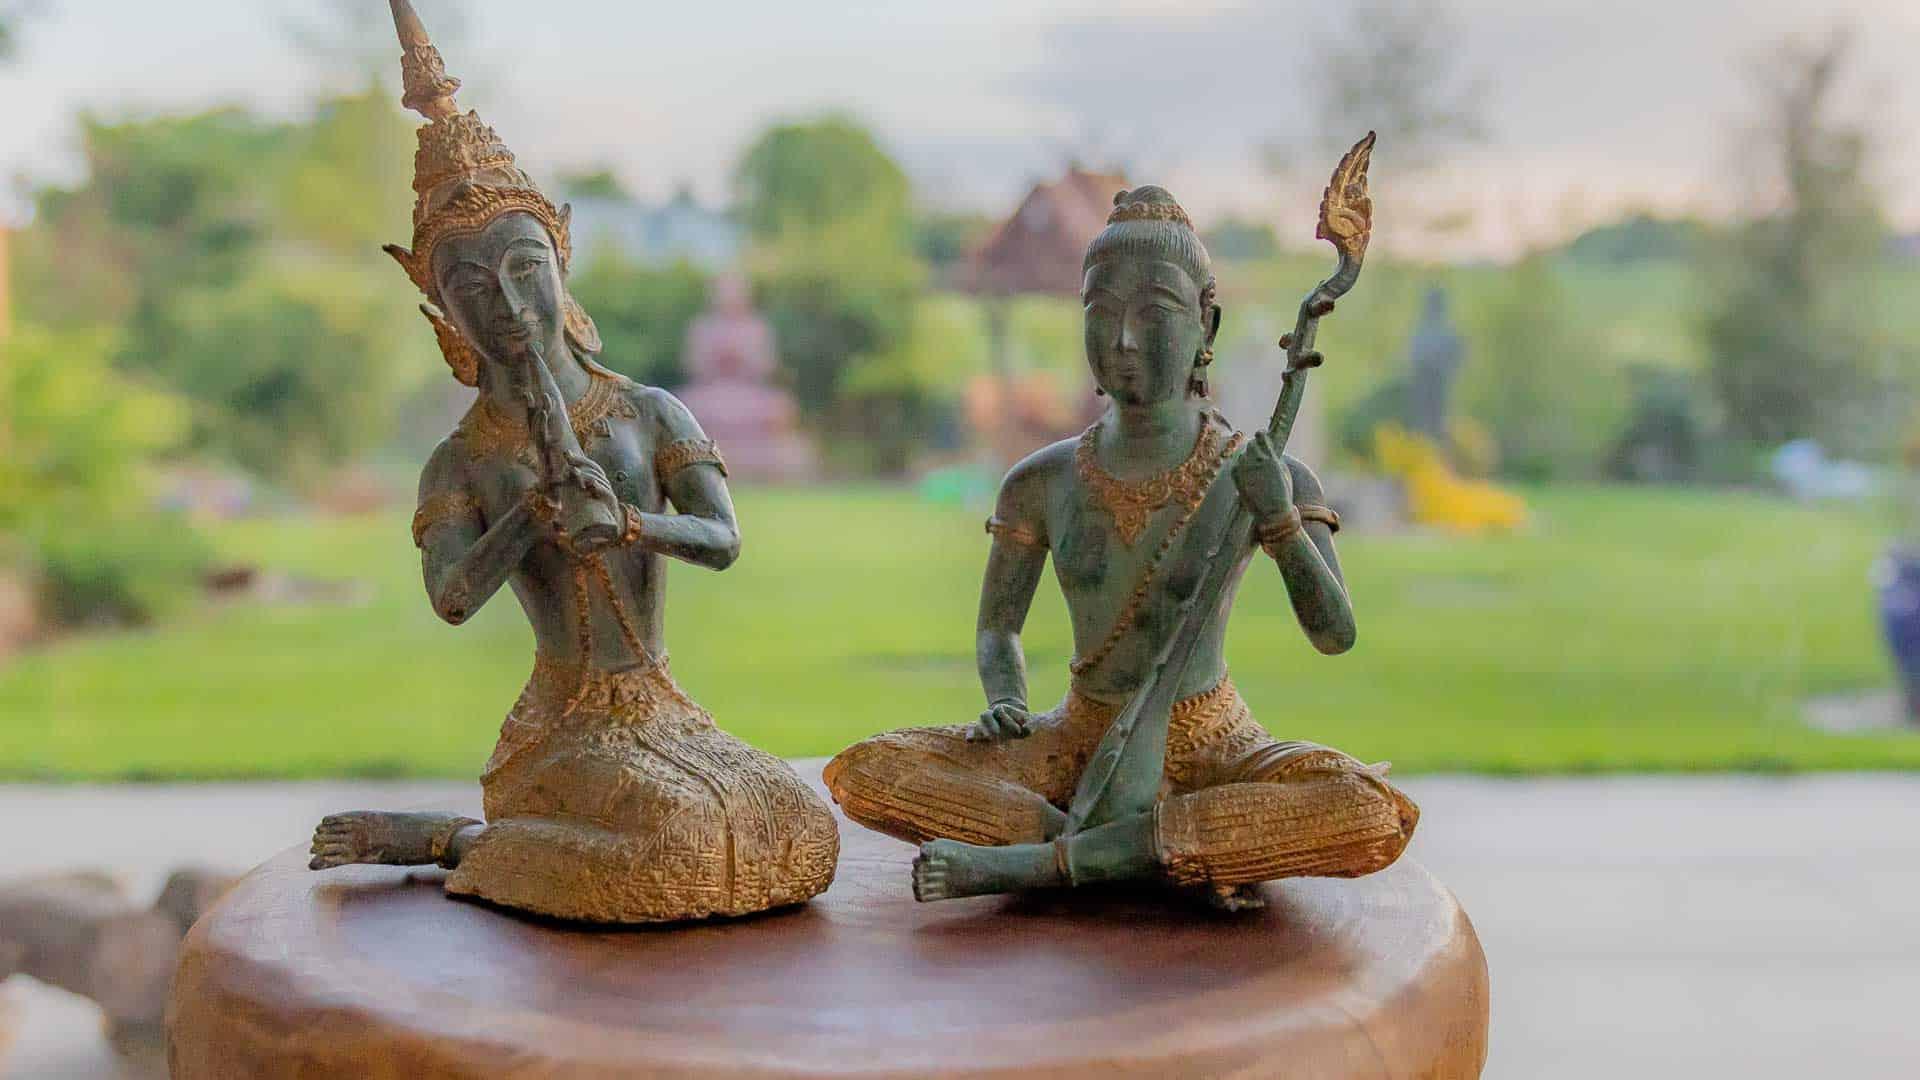 Datenschutzerklärung Bild zwei Buddha auf Holz-Hocker. Hintergrund der der nature Spa. Datenschutzverordnung